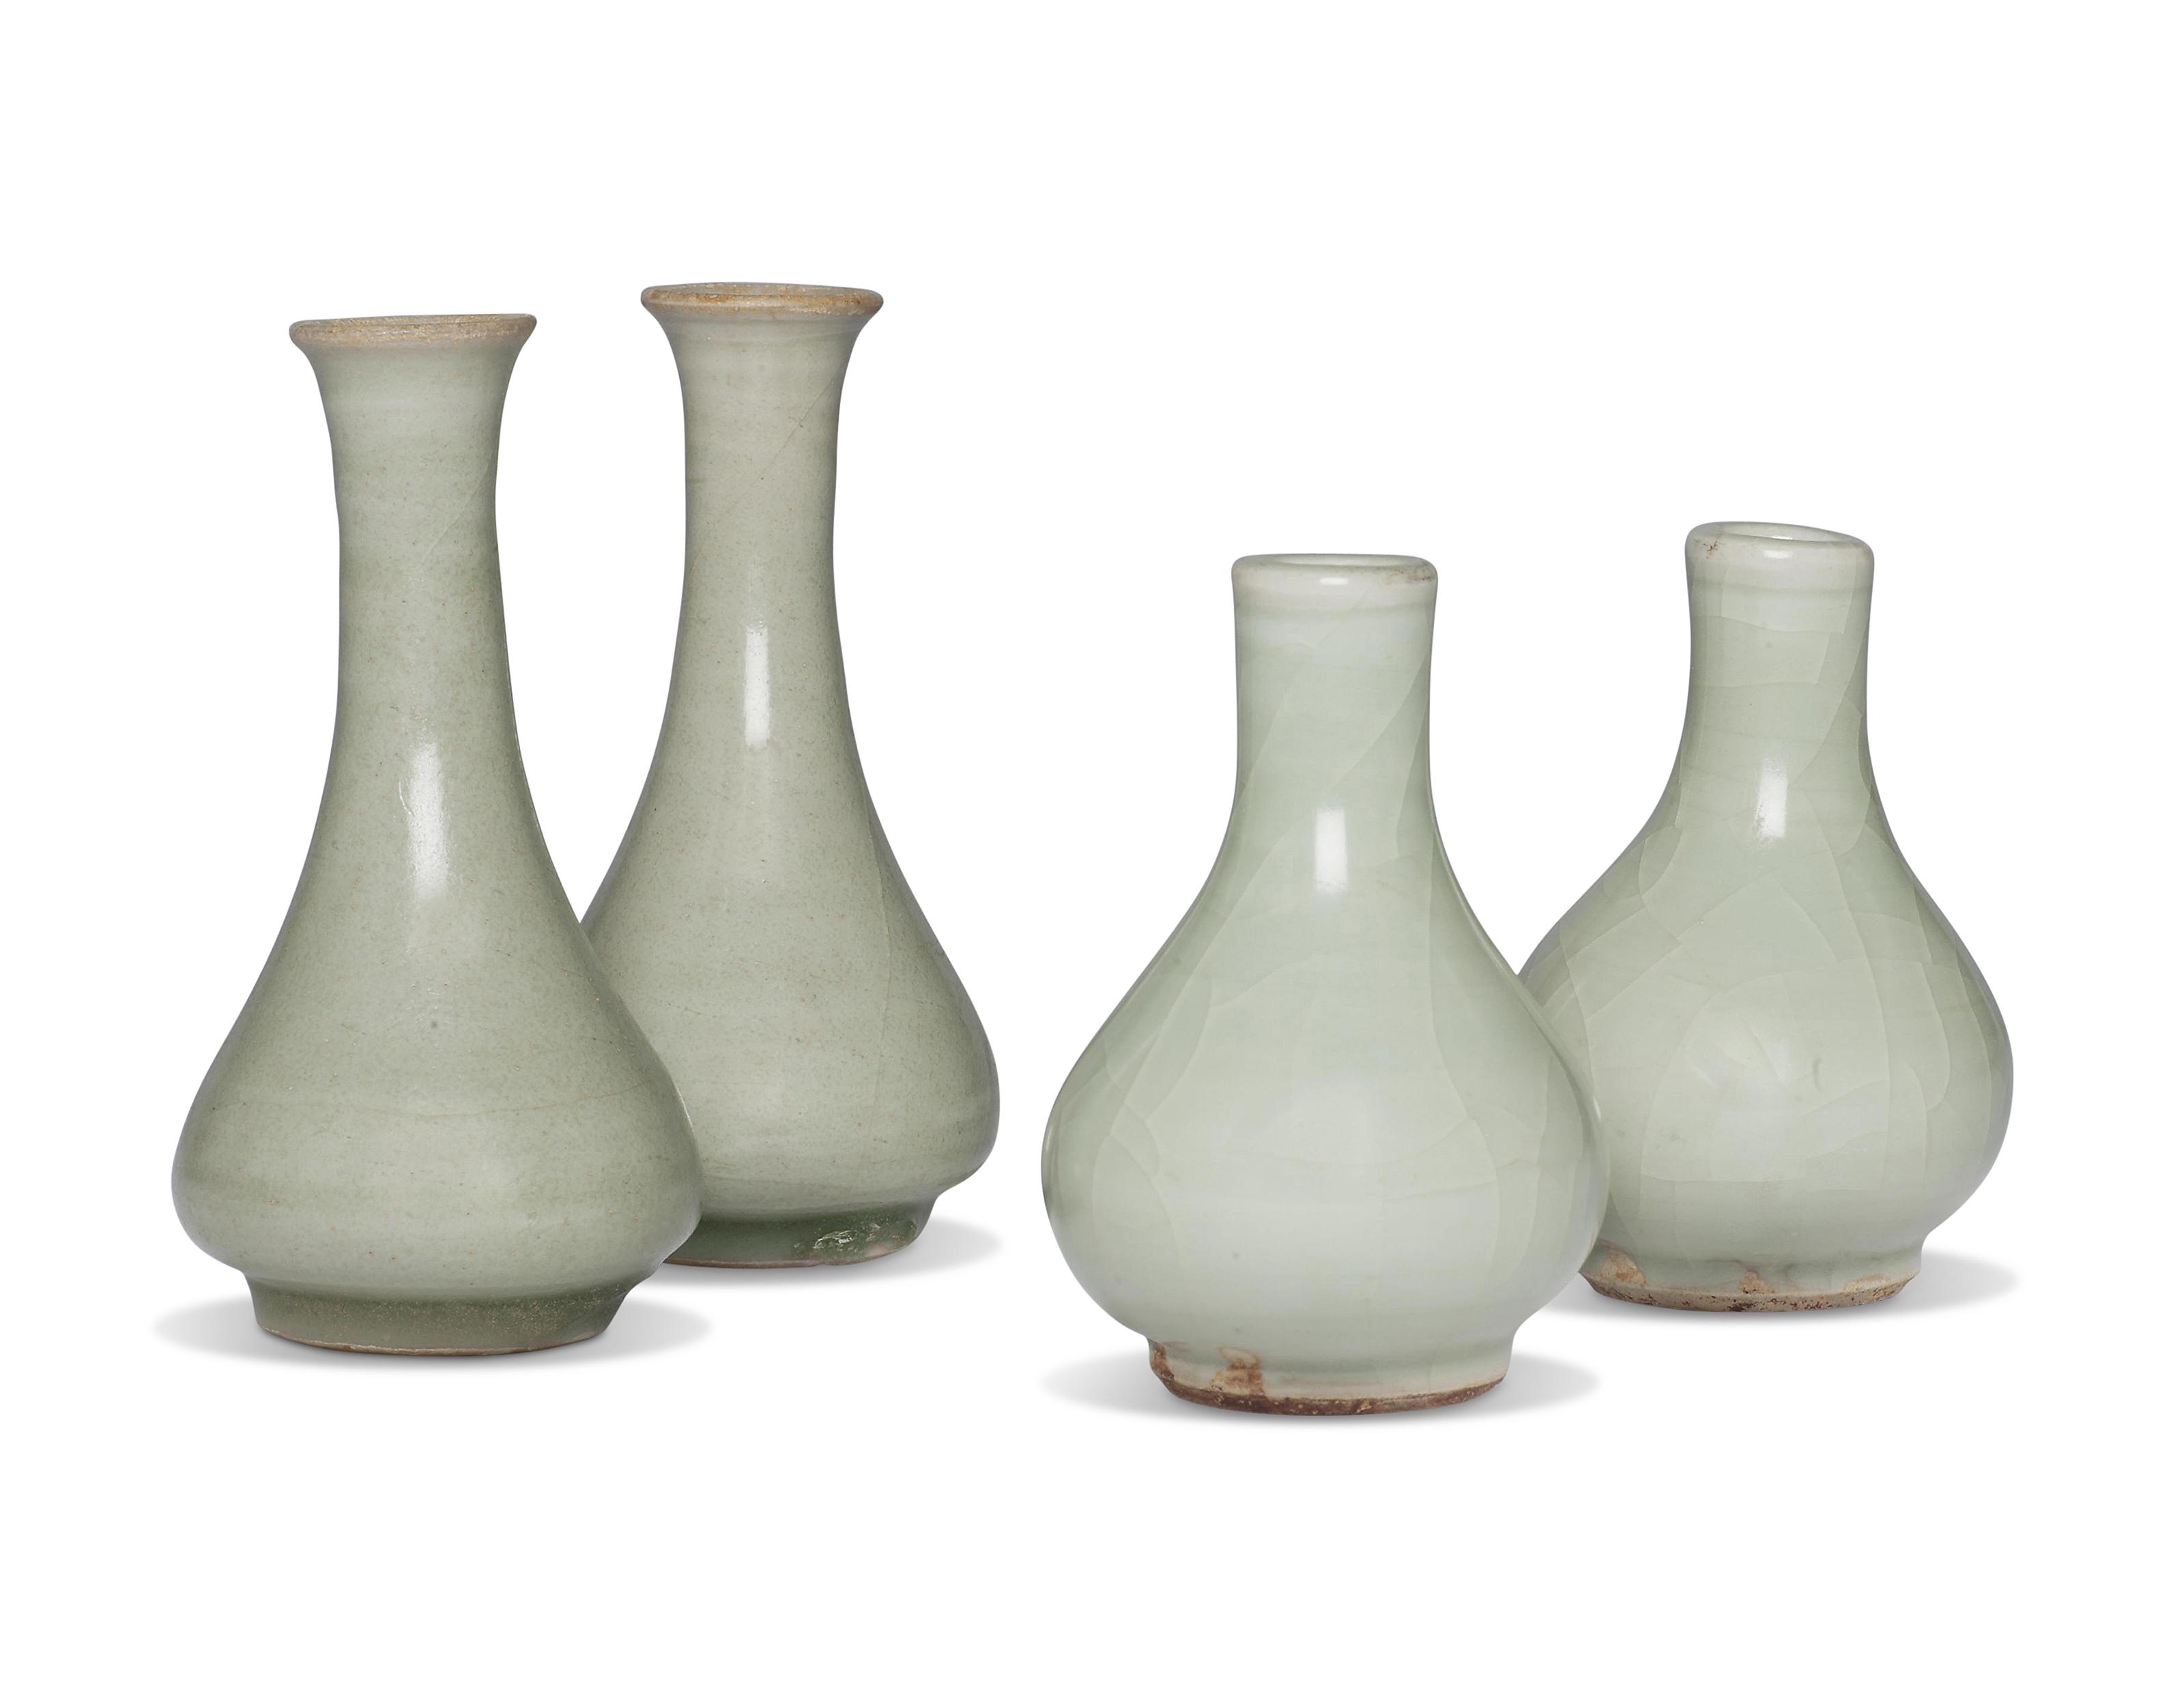 元/明 龙泉青釉瓶一对及粉青釉瓶一对 一组四件